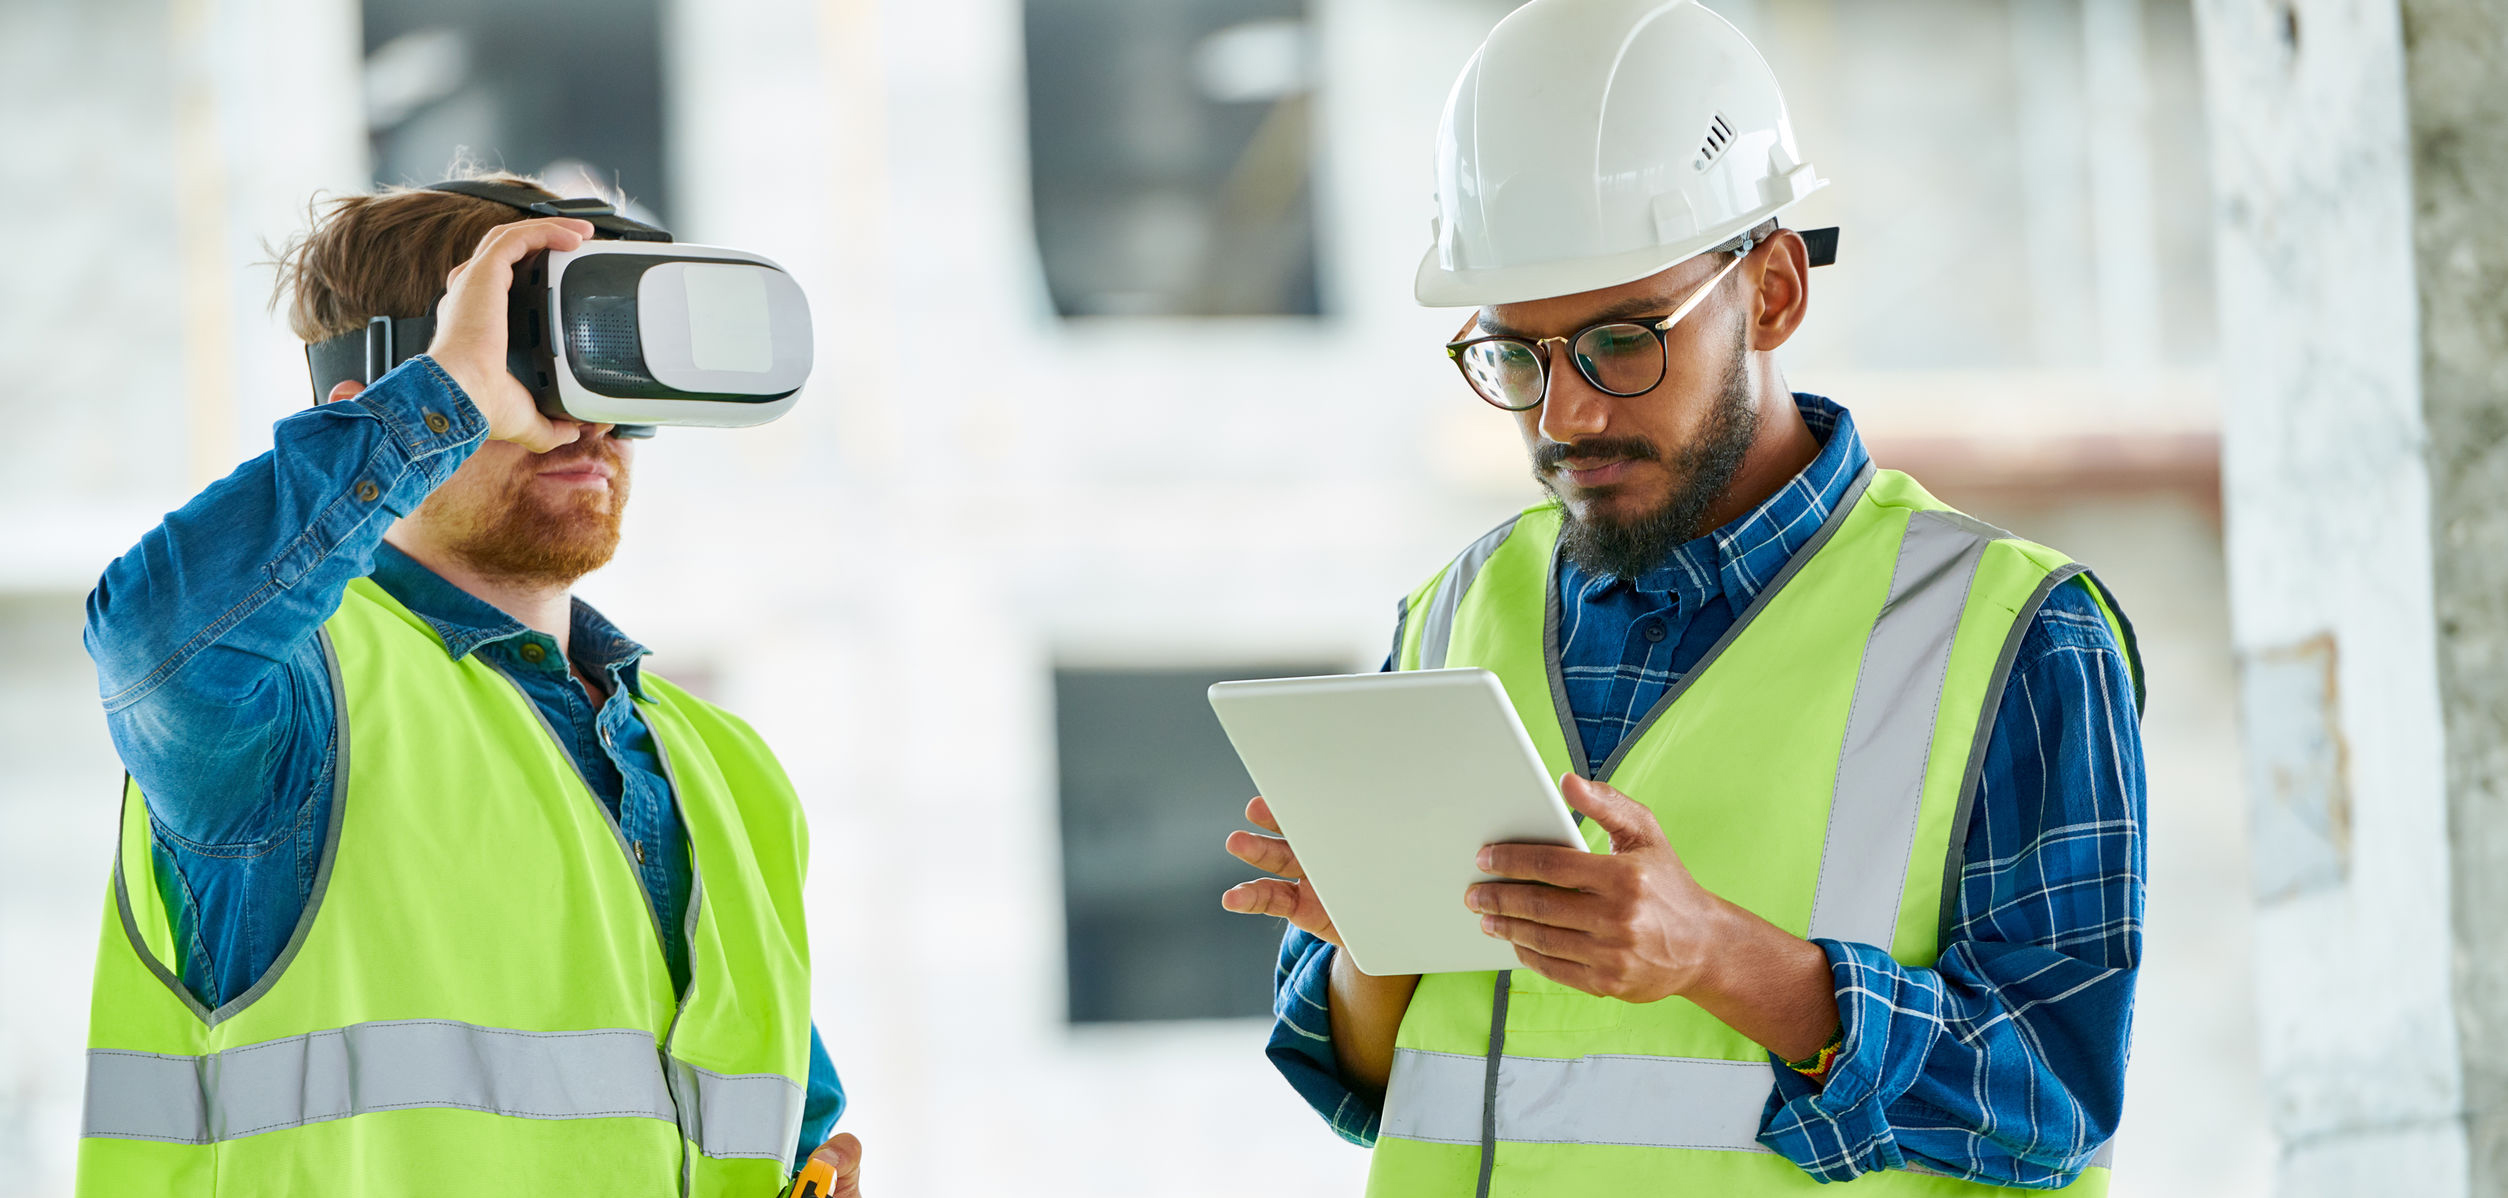 Quali sono le caratteristiche indispensabili che un software dedicato alla simulazione dei processi di fonderia deve possedere